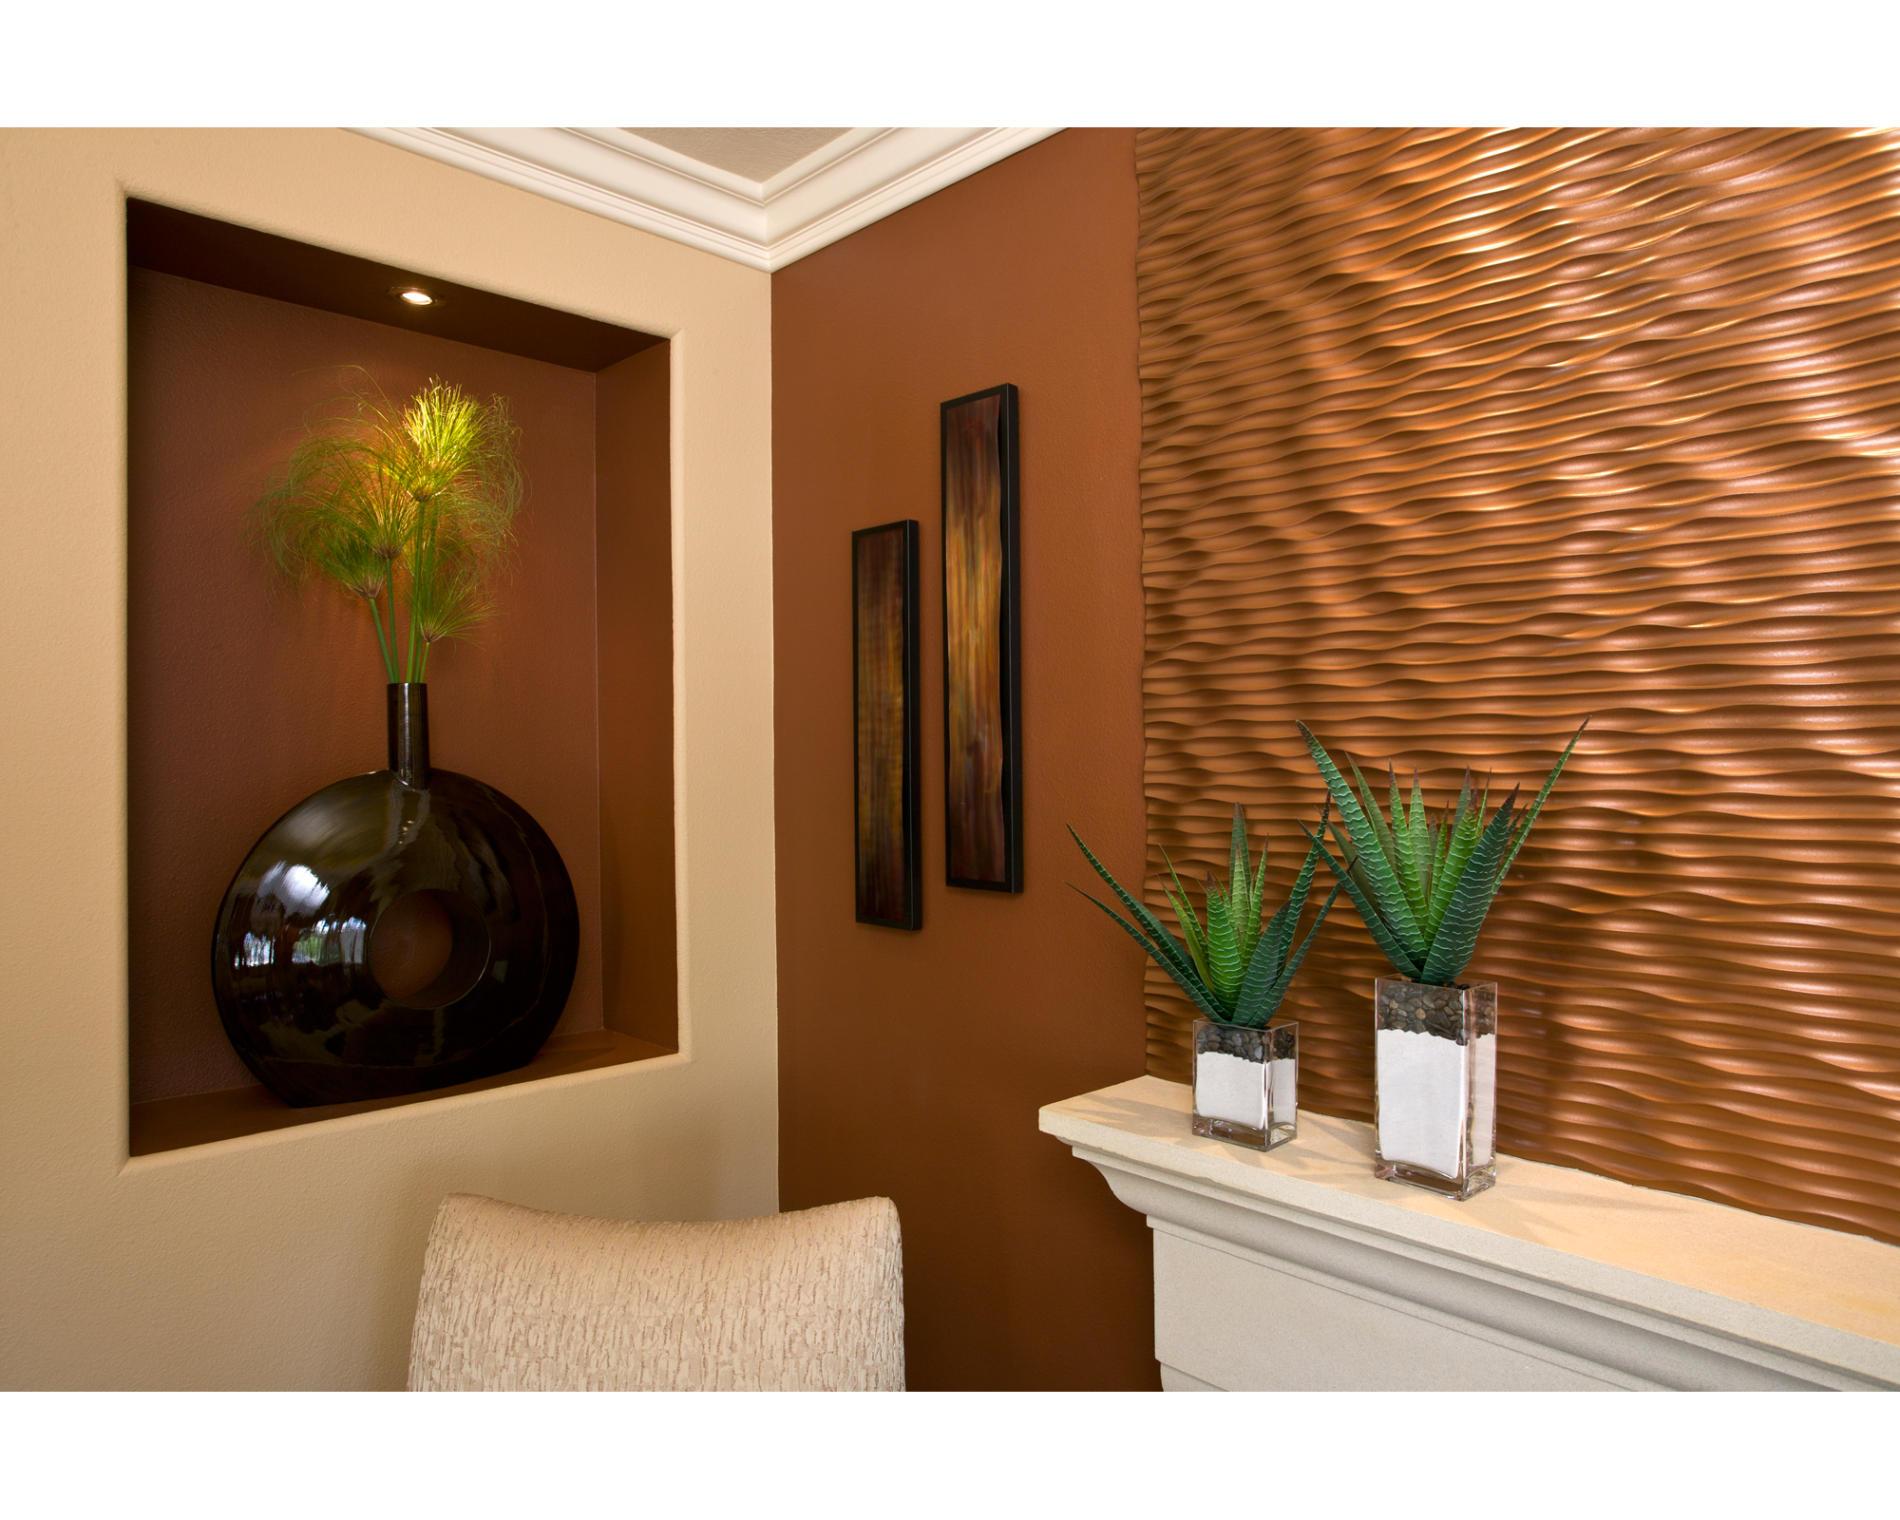 Copper Wall Paneling : Как оформить нишу в стене postremont